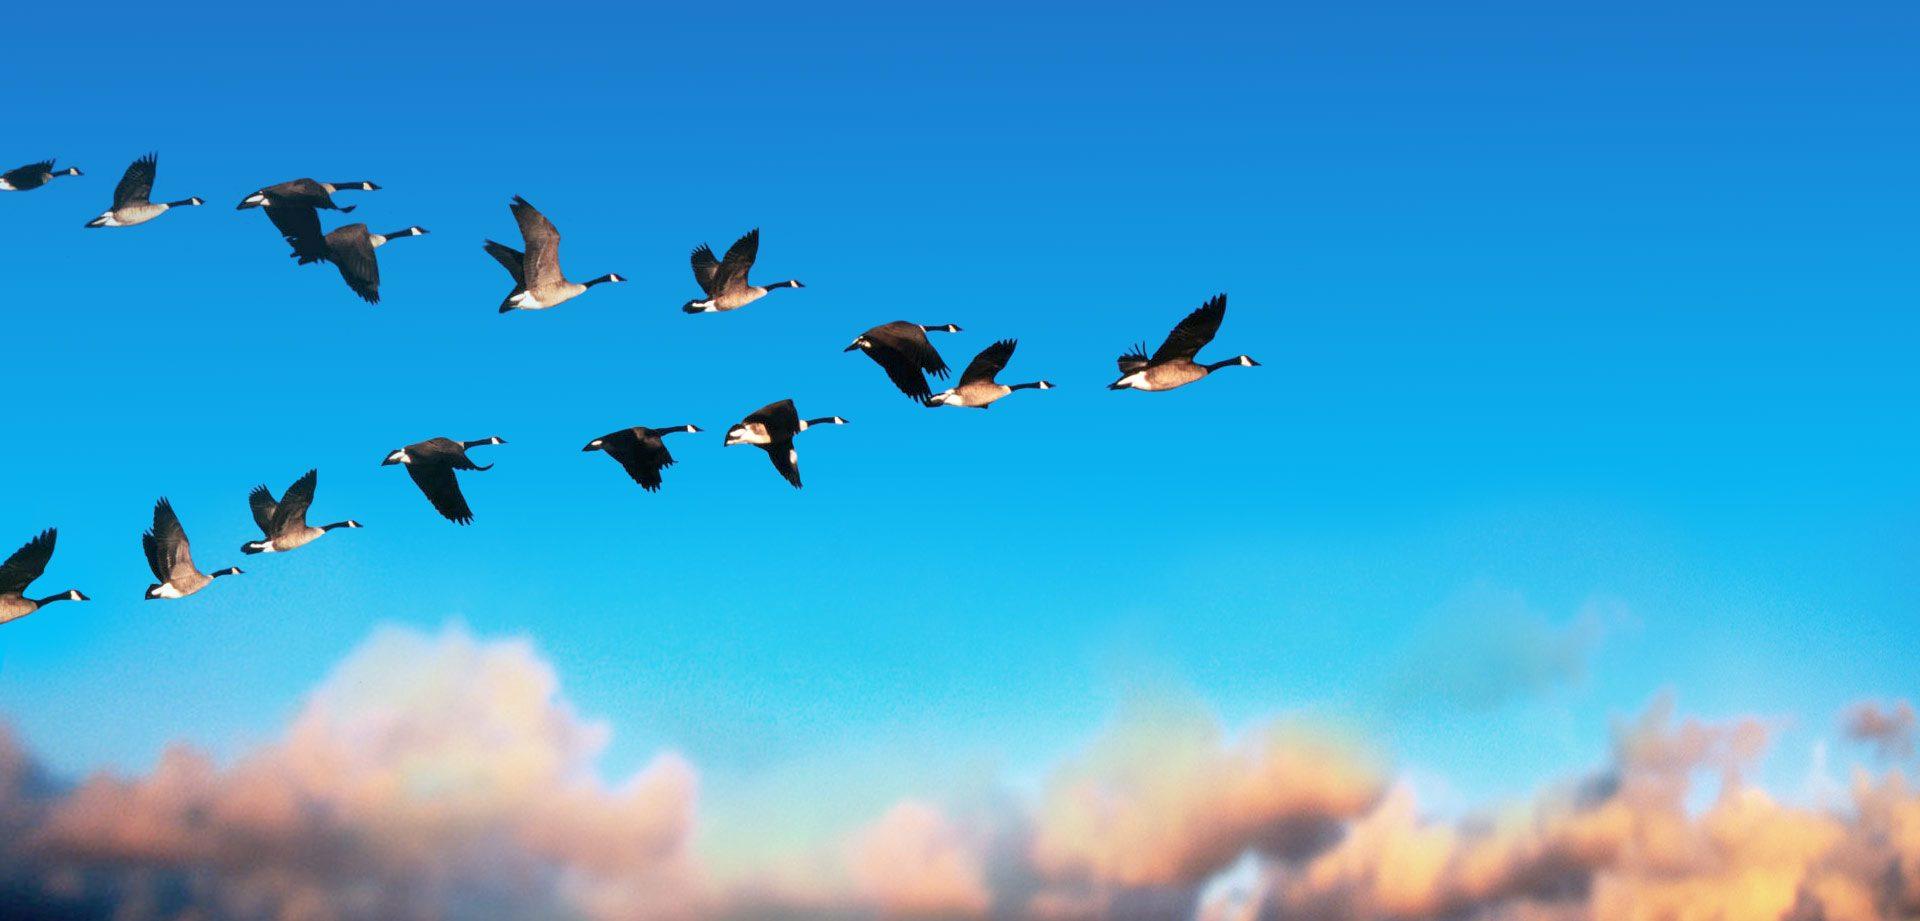 Ganzen in v formatie in blauwe lucht